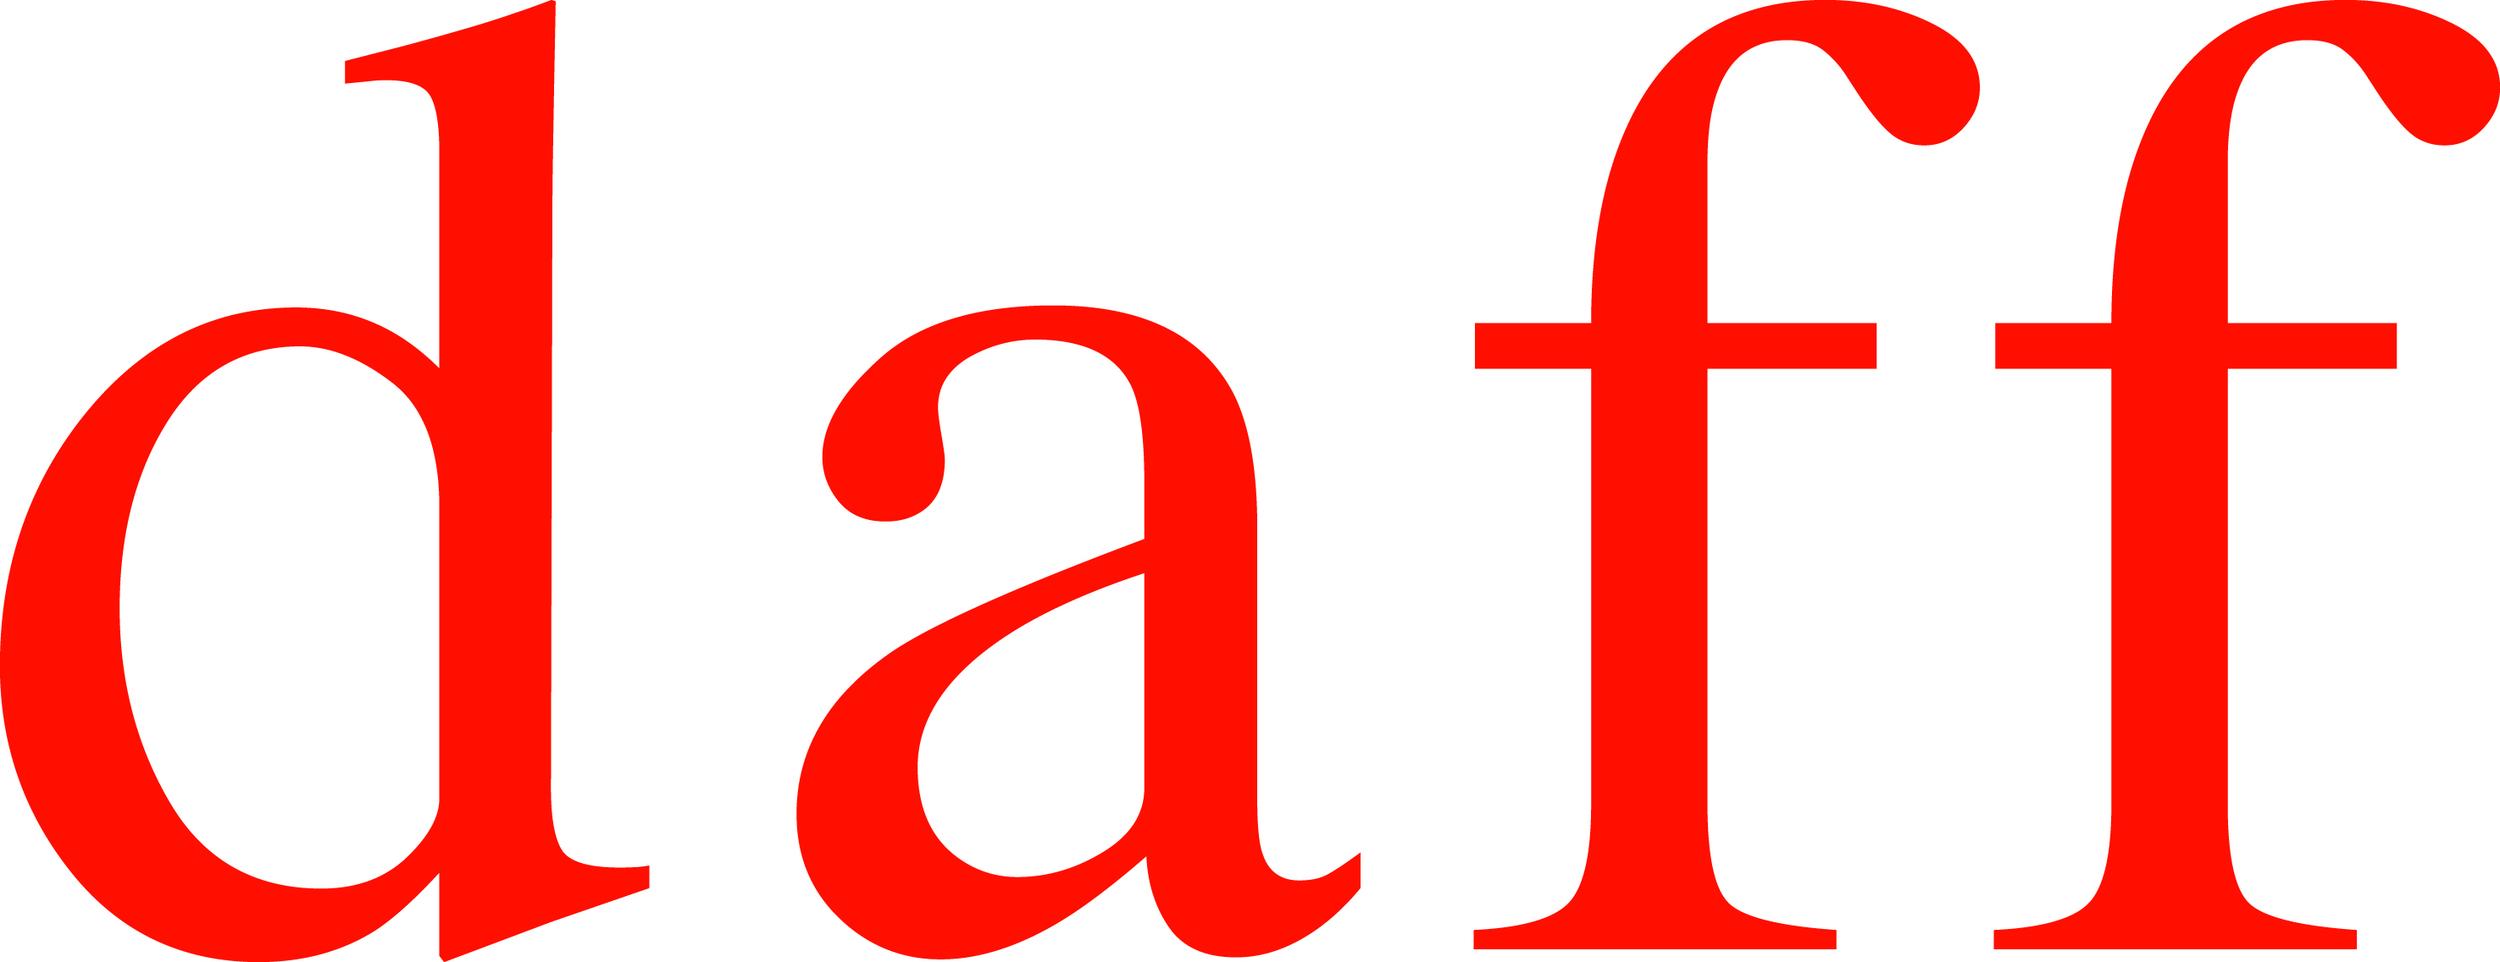 daff-Logo-ORANGE-ROT-4c.jpg